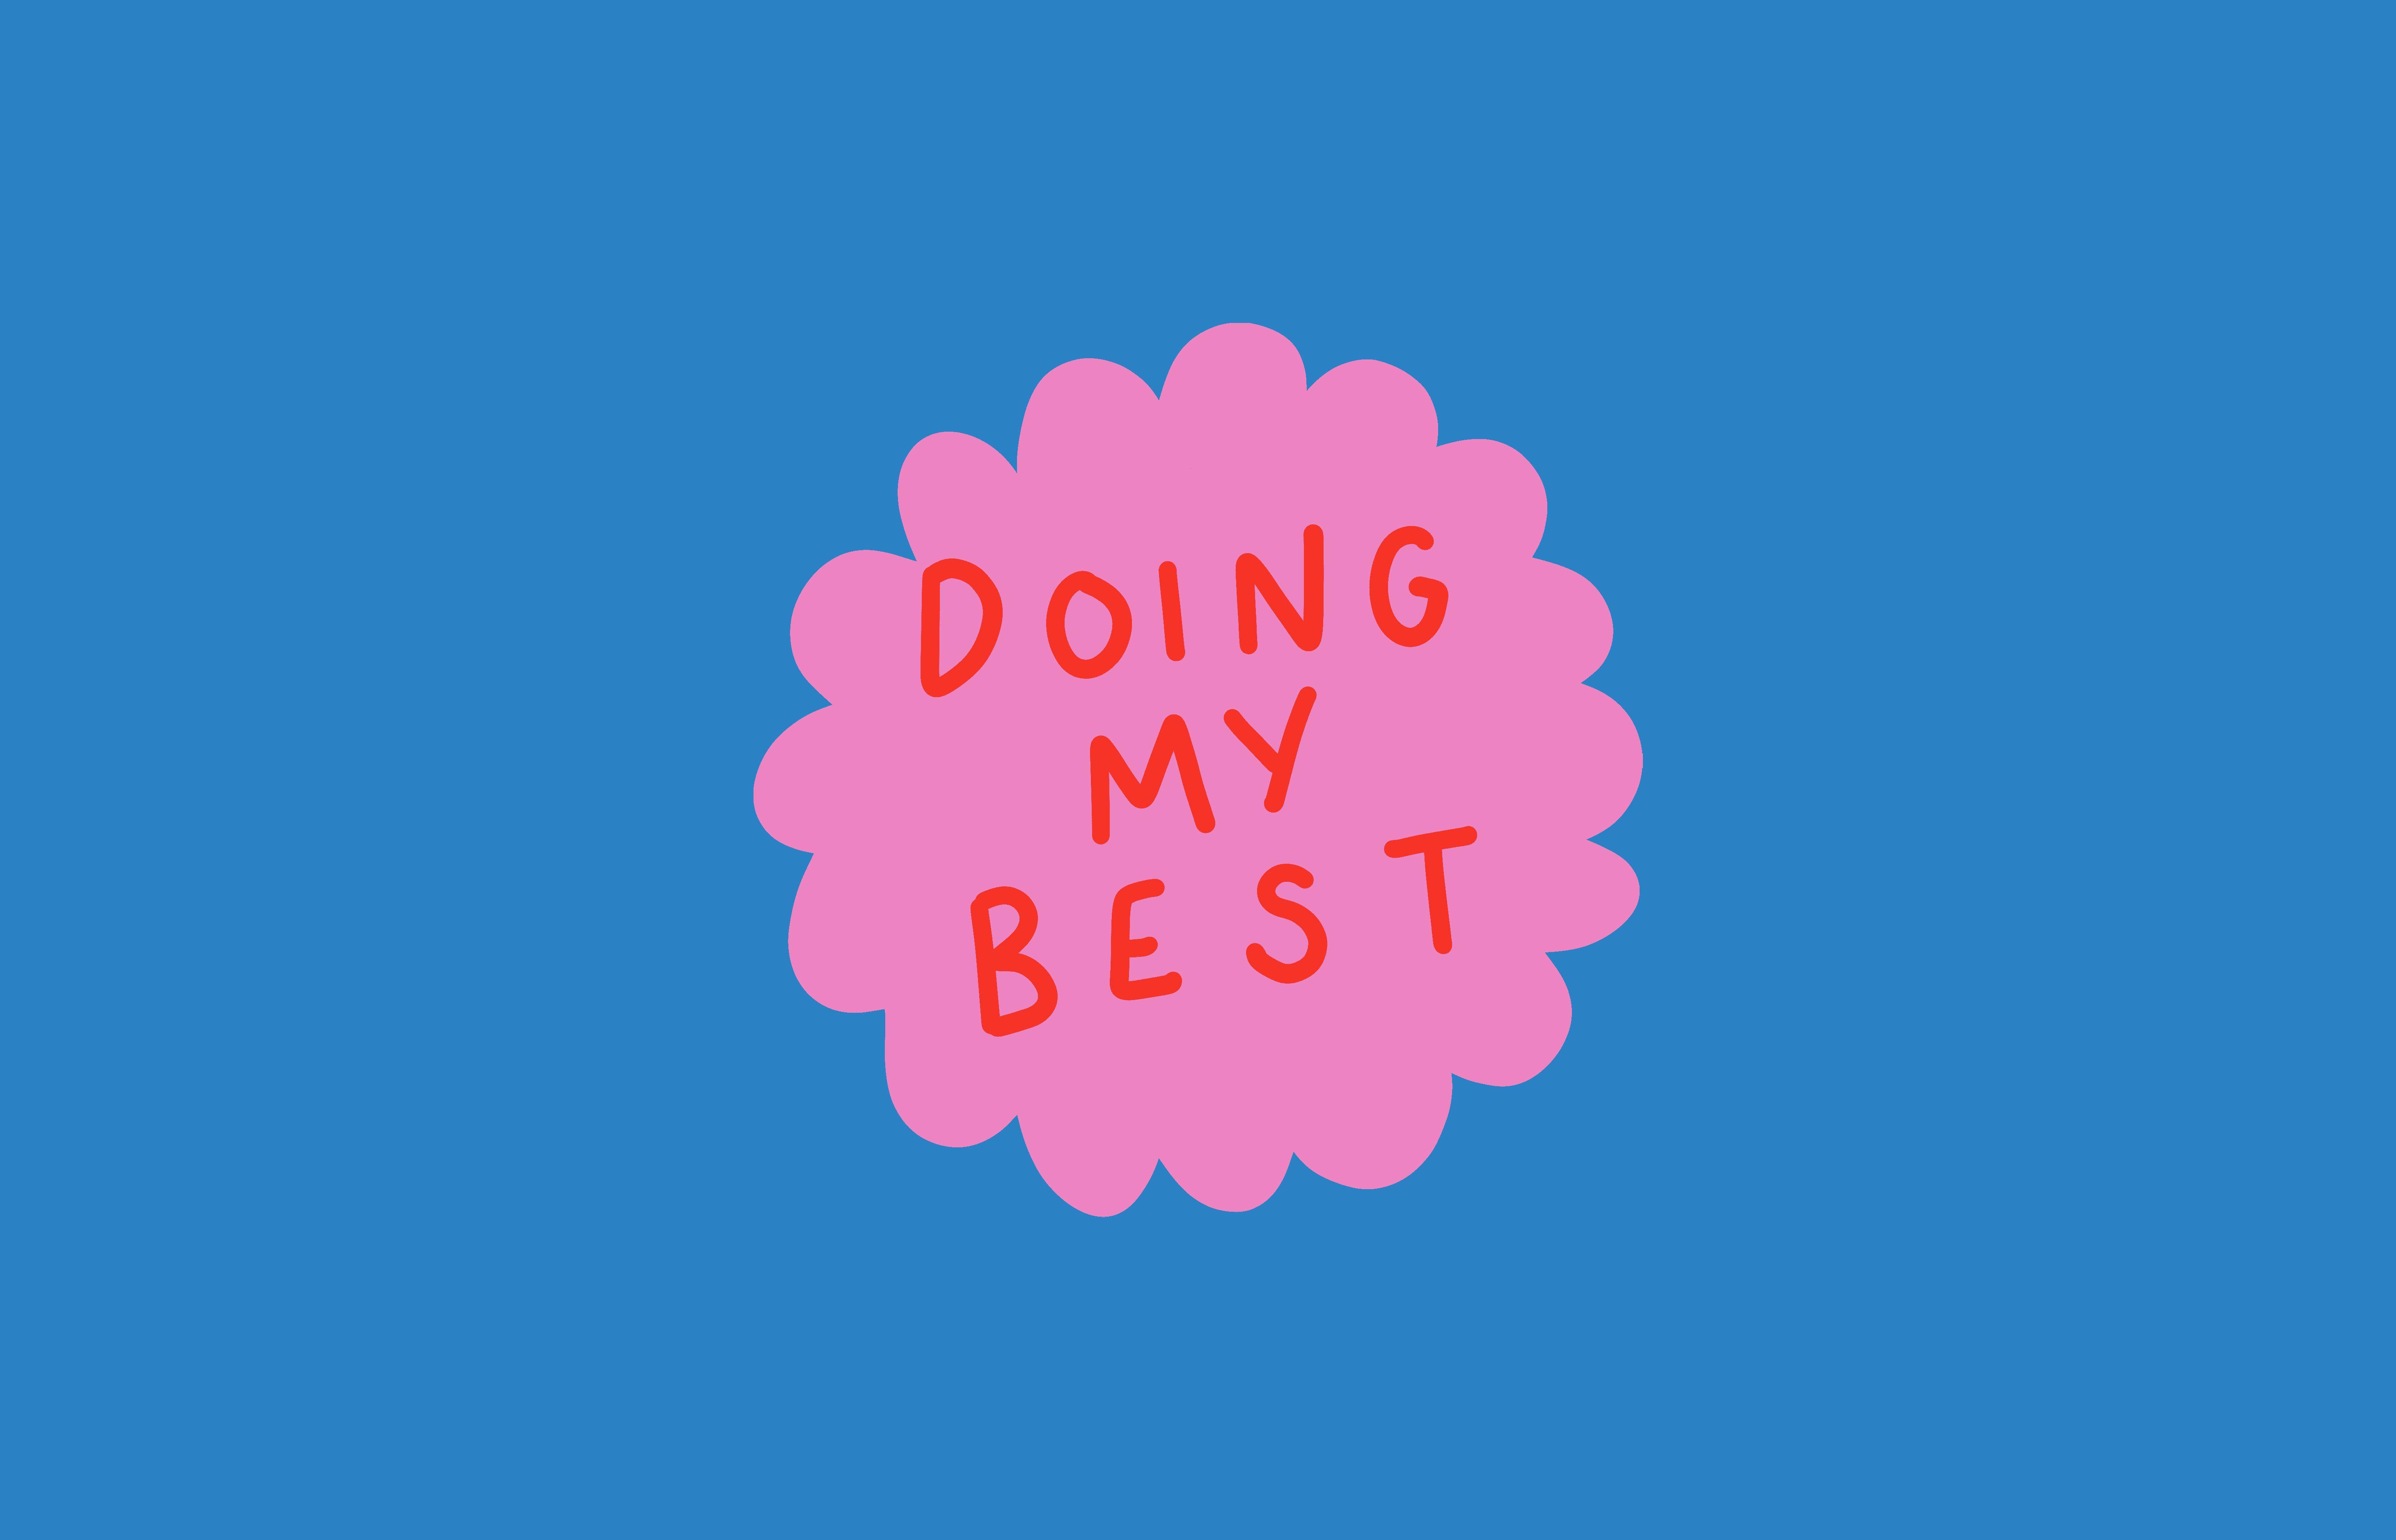 10 'Doing my best' desktop wallpaper by Poppy Deyes